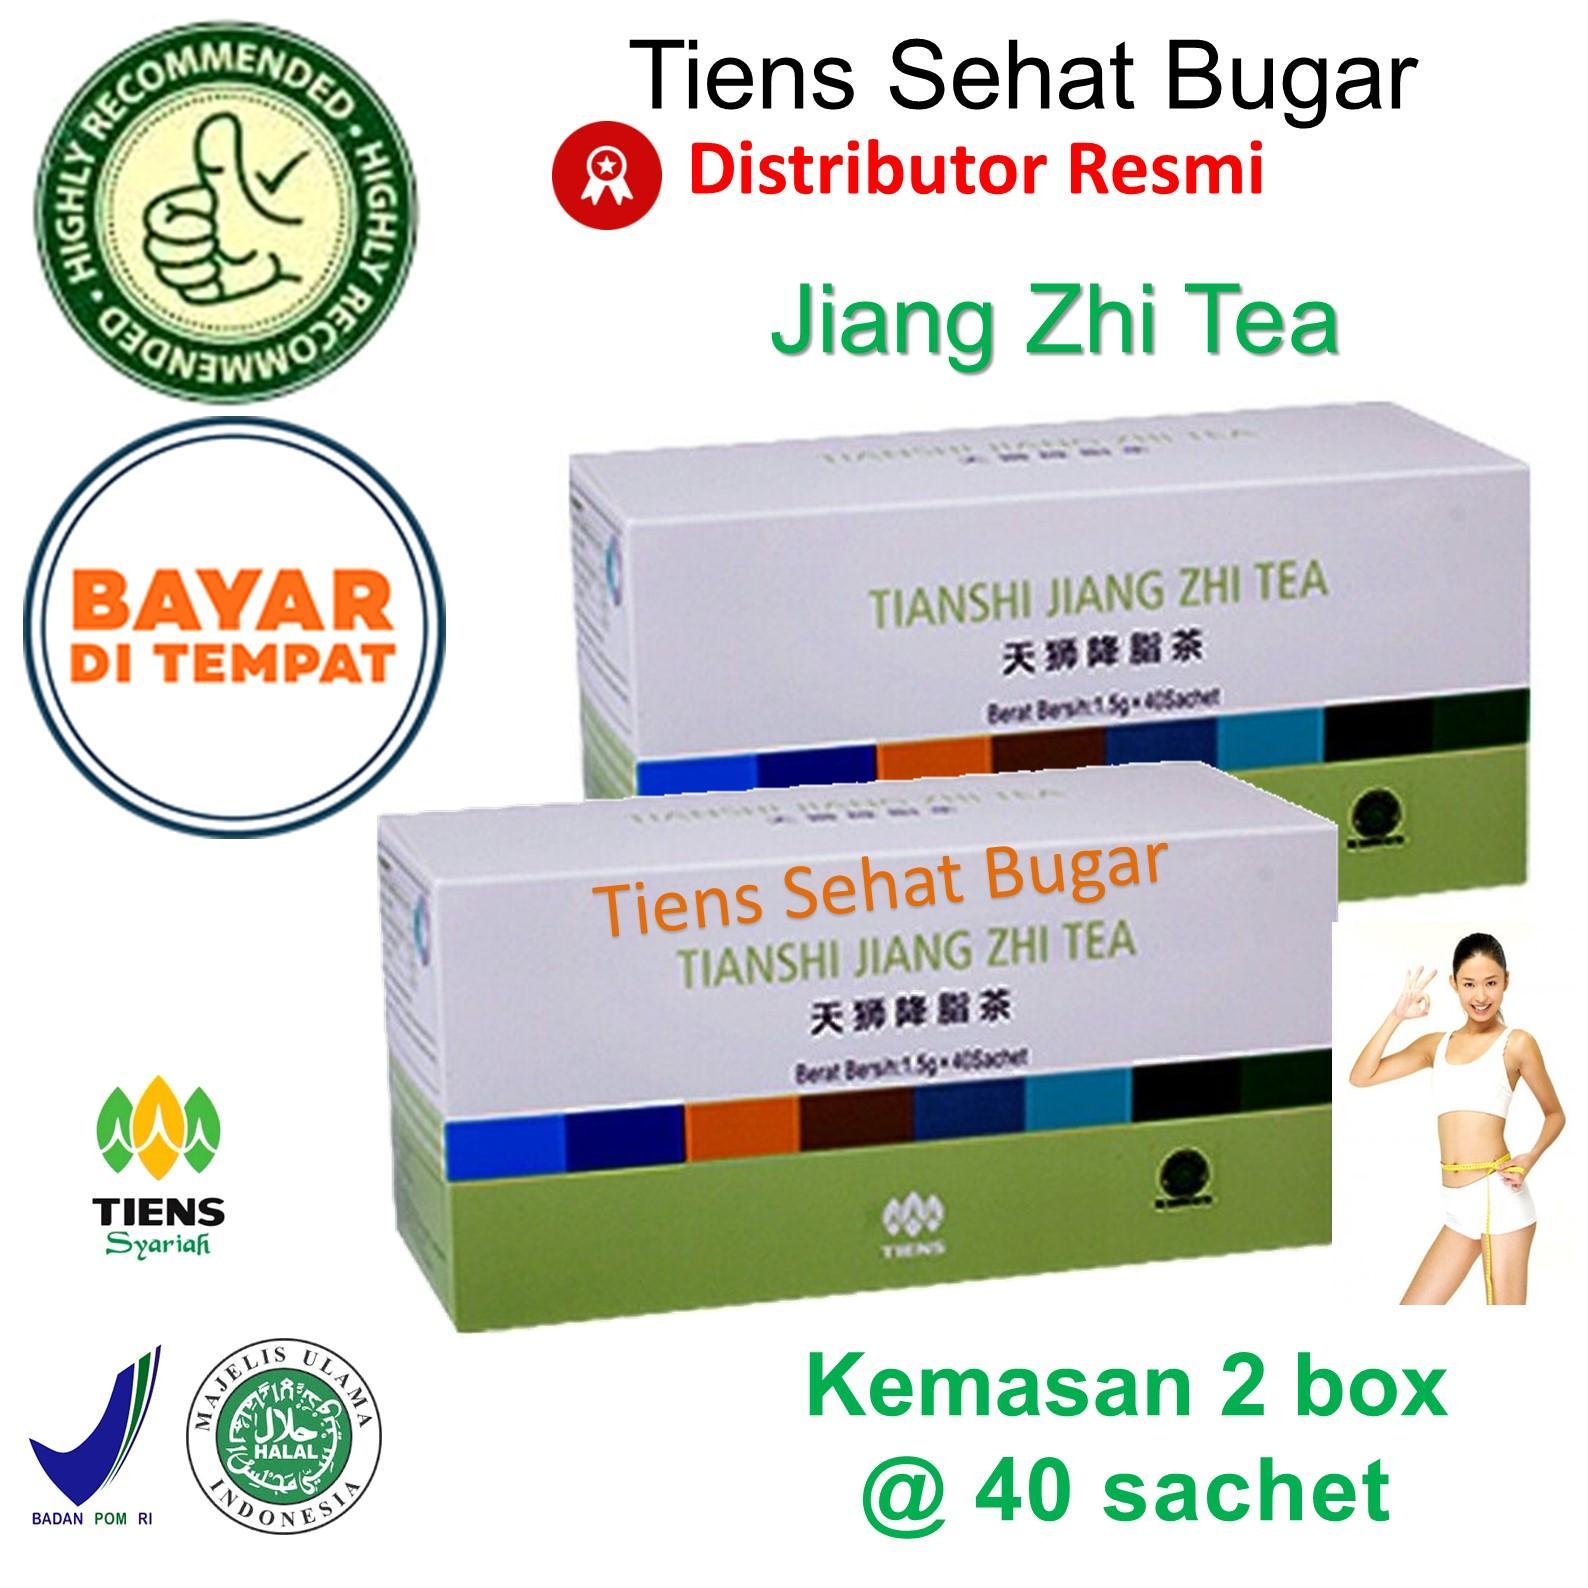 Tiens Teh Pelangsing Jiang Zhi Tea – Paket 2 BOX [@ 40 Sachet] By Tiens Sehat Bugar  Teh pembakar lemak  Teh Herbal  Teh Hijau  Teh penghancur lemak perut  Pemblokir lemak  Pengecil Perut  Penurun Berat Badan  Teh Diet  Herbal Alami